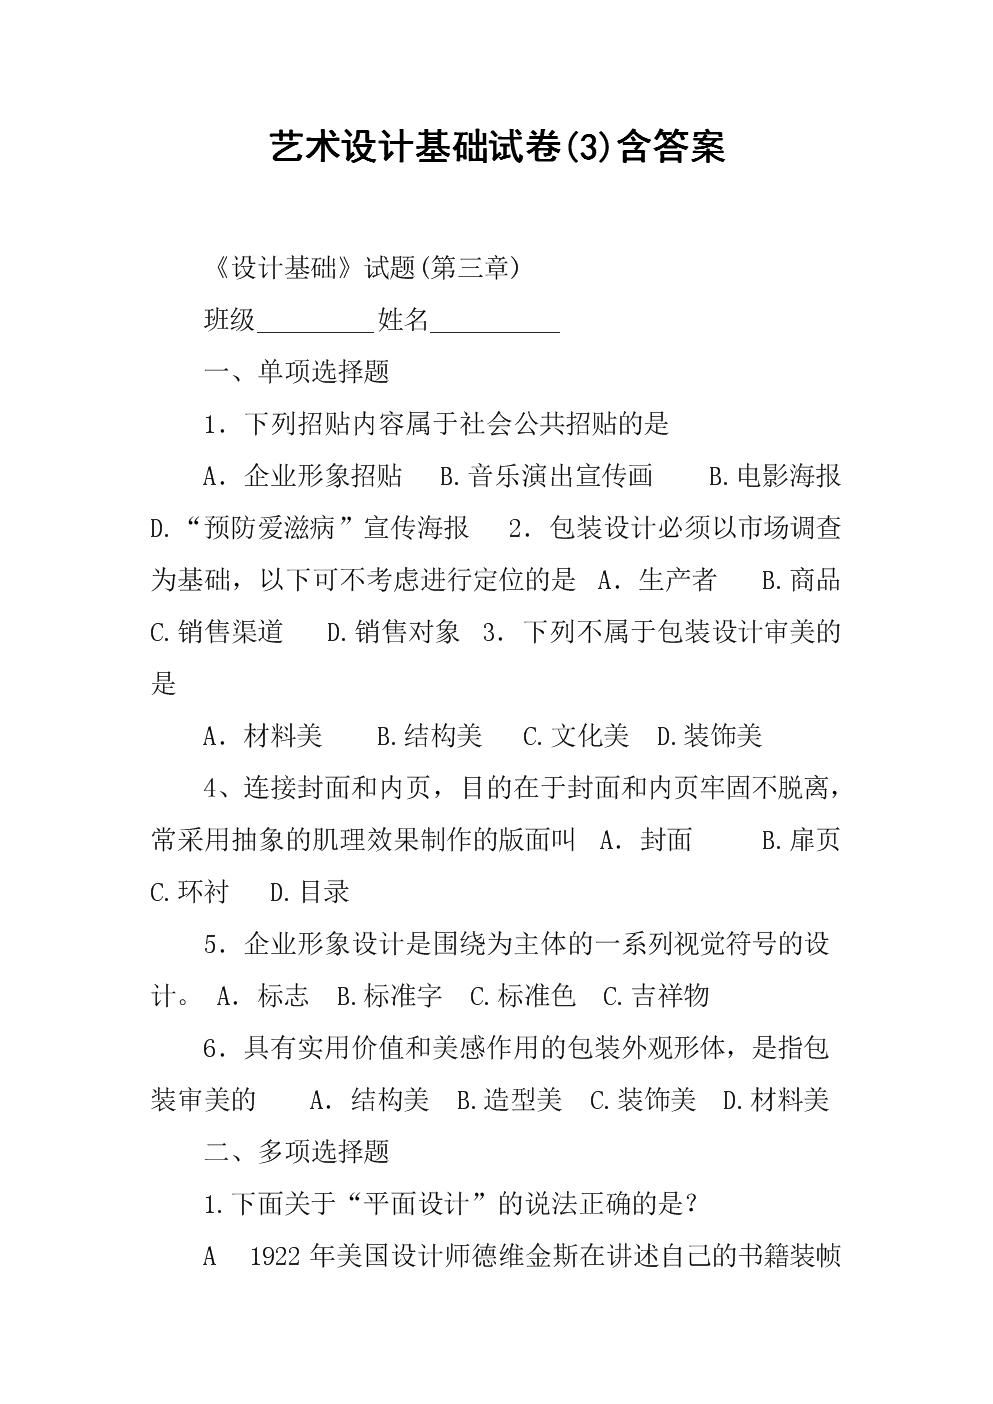 艺术设计基础试卷(3)含答案(最新编辑).doc